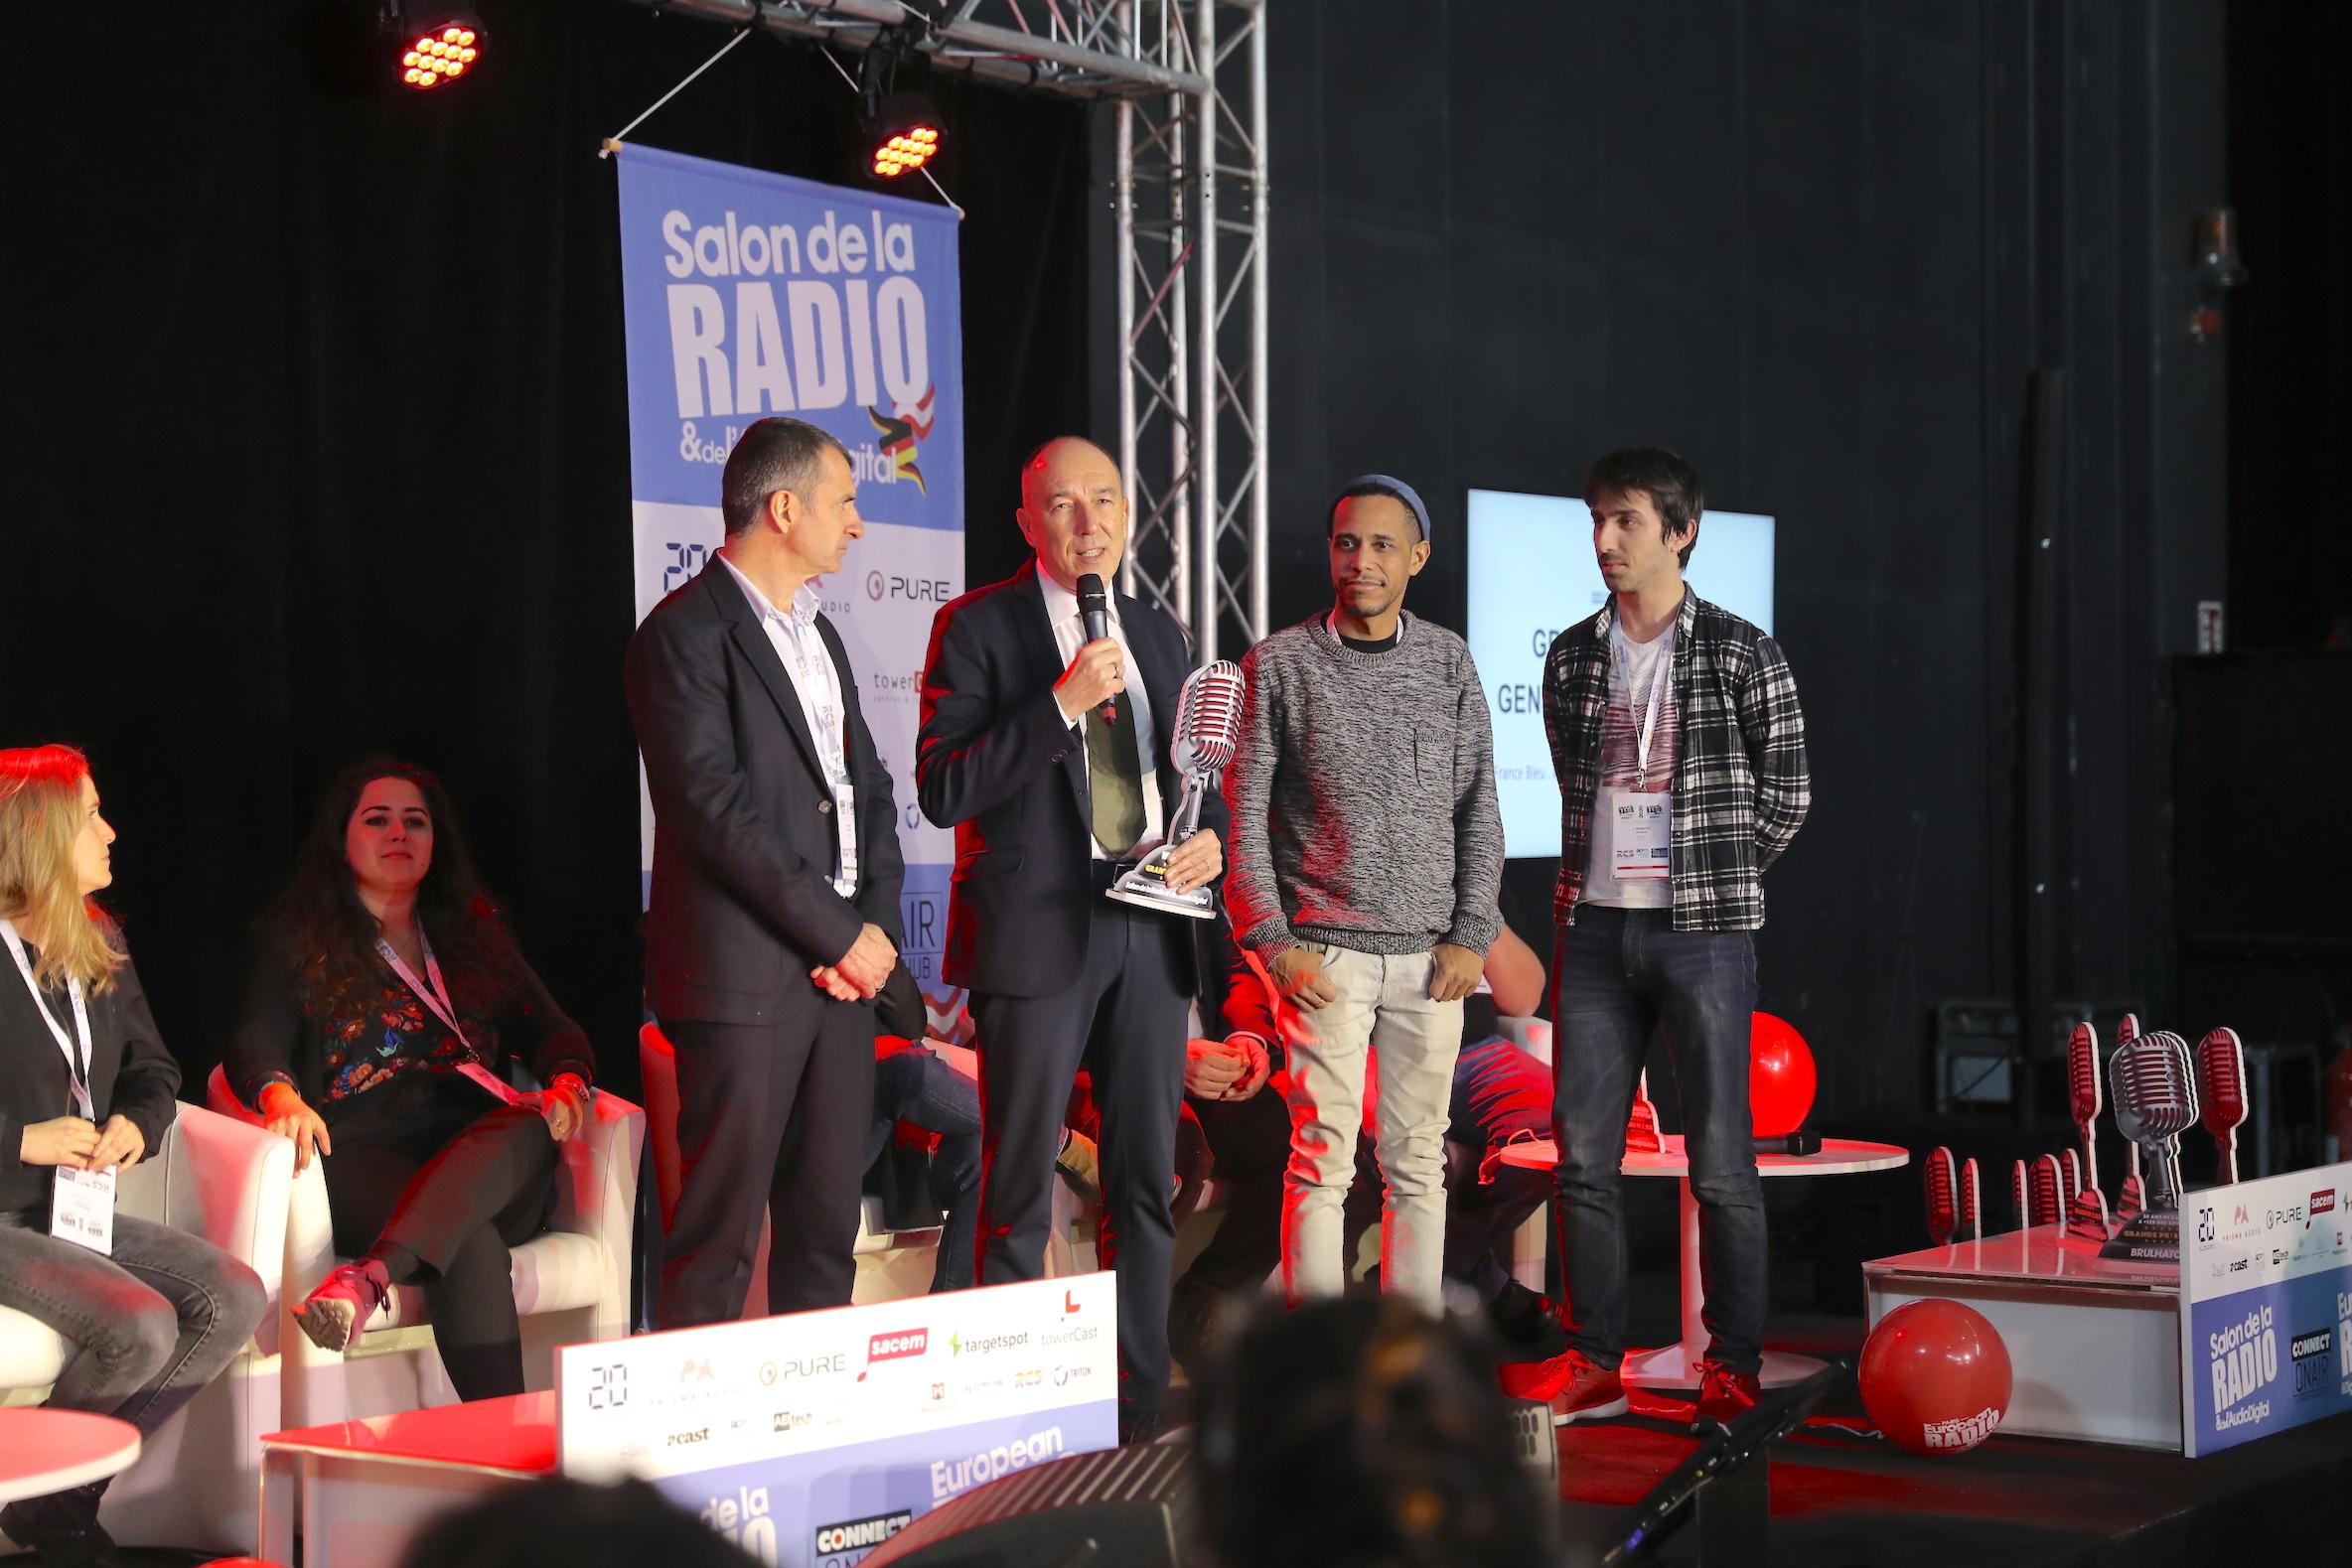 Skyrock PLM, disponible sur une application, vise le public des personnels militaires. Pierre Bellanger, le patron de Skyrock, est venu personnellement recevoir son Grand Prix Radio au Salon de la Radio